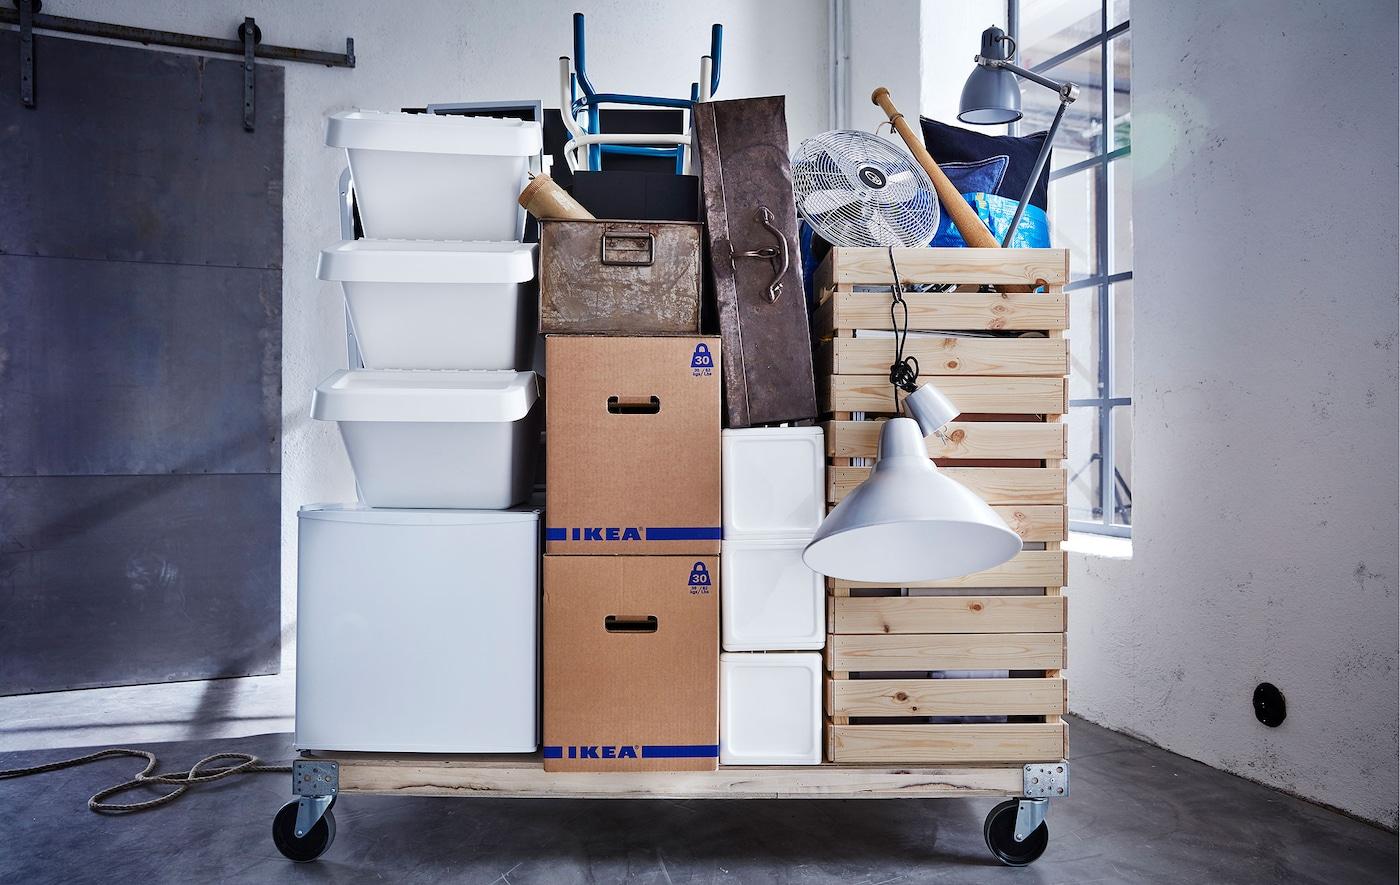 Différents essentiels de déménagement et des boîtes JÄTTENE empilées sur une palette en bois sur roulettes, dans une pièce vide.